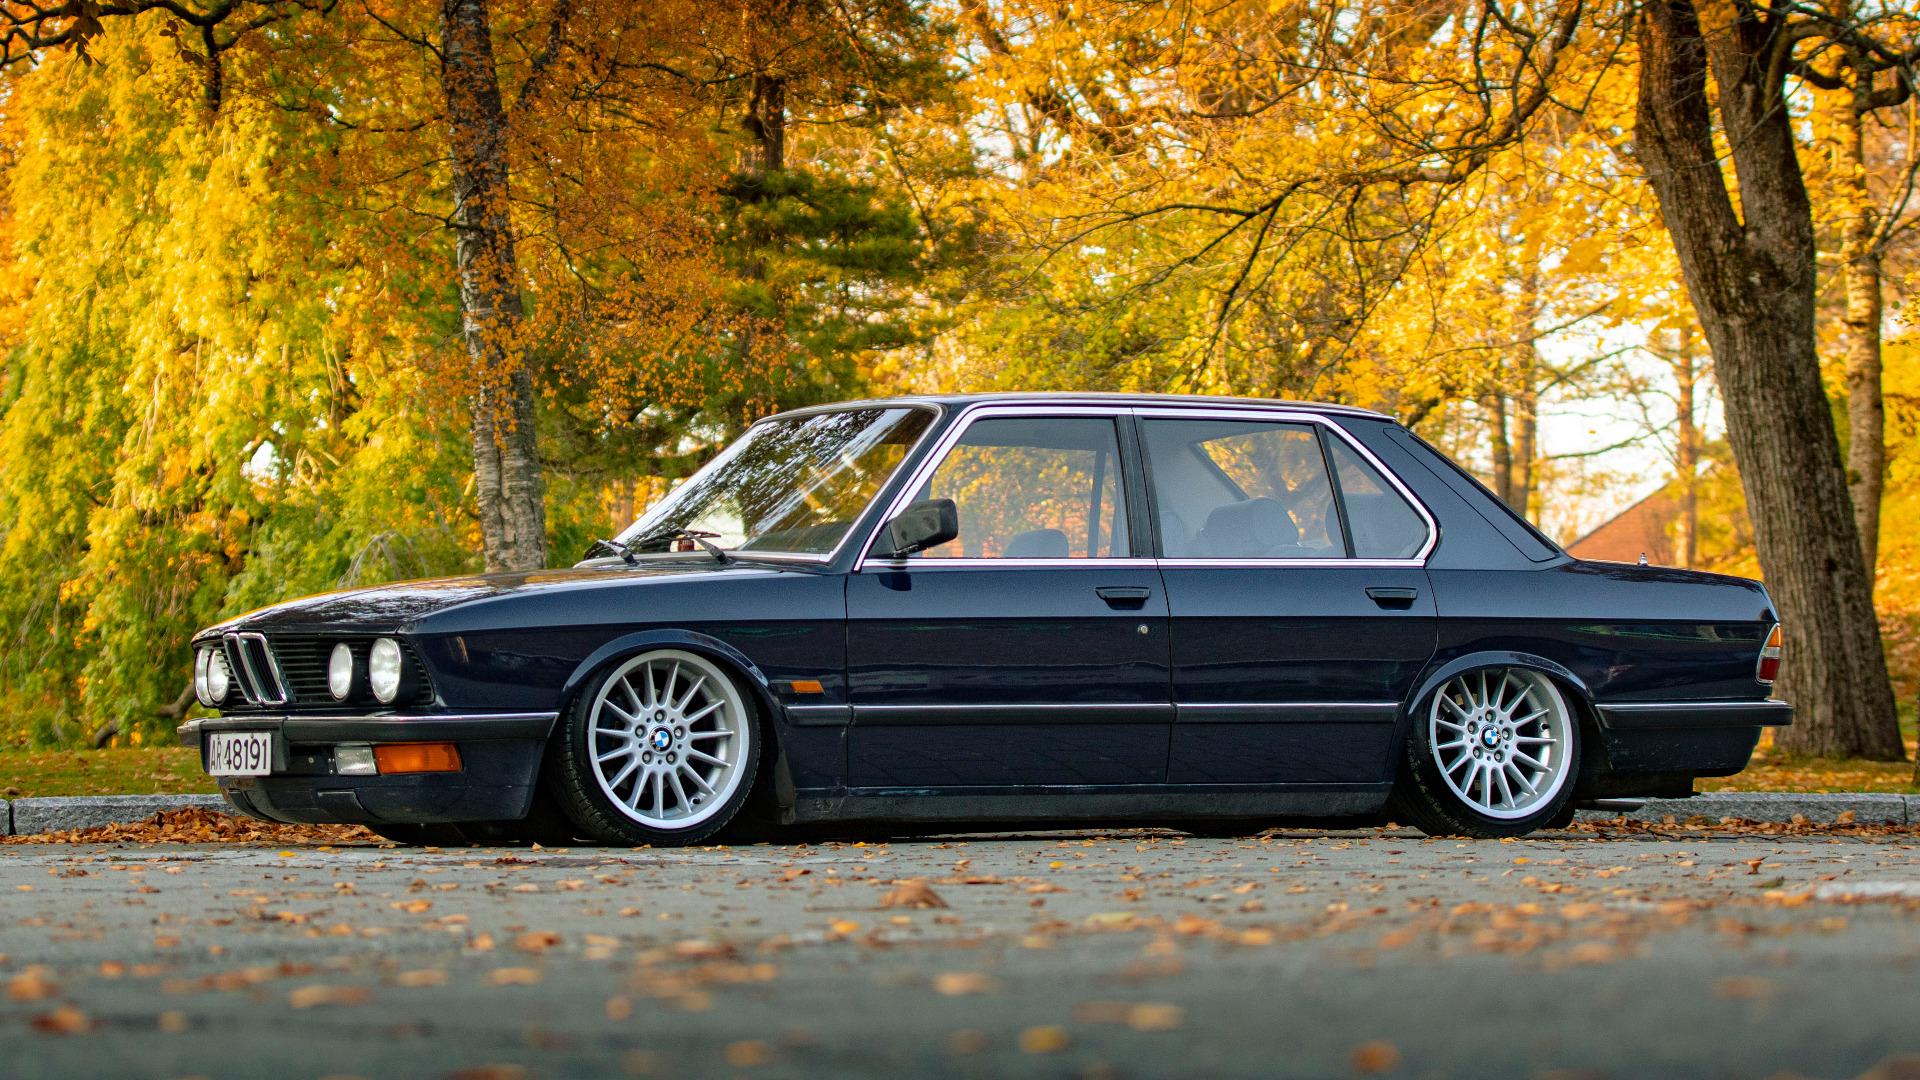 Sigurds flotte E28 – 1982 BMW 525i